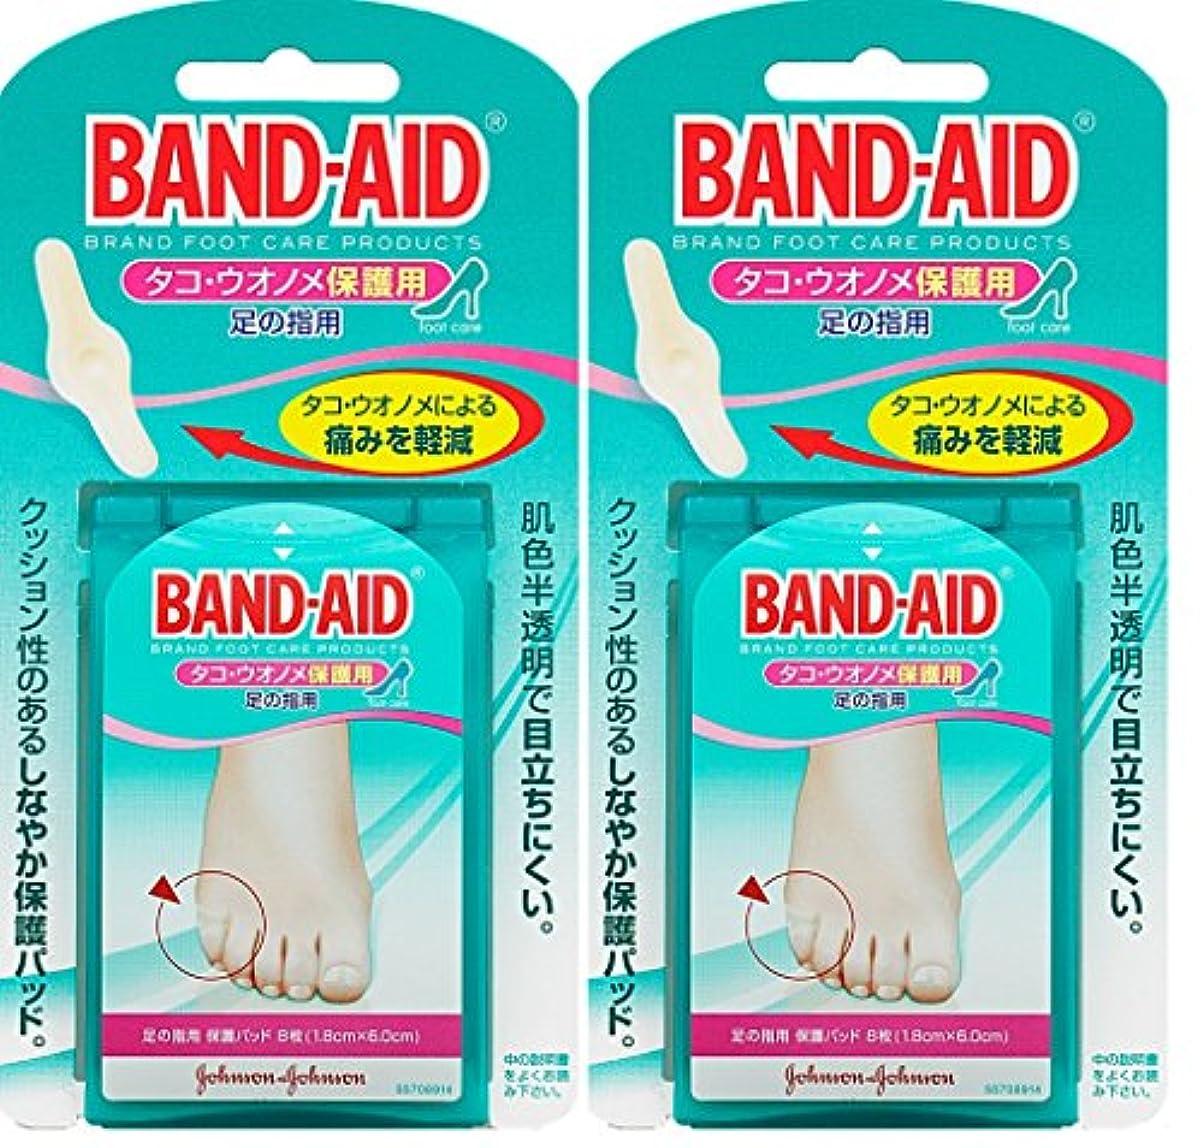 シーケンストーナメント強調する【まとめ買い】BAND-AID(バンドエイド) タコ?ウオノメ保護用 足の指用 8枚×2個